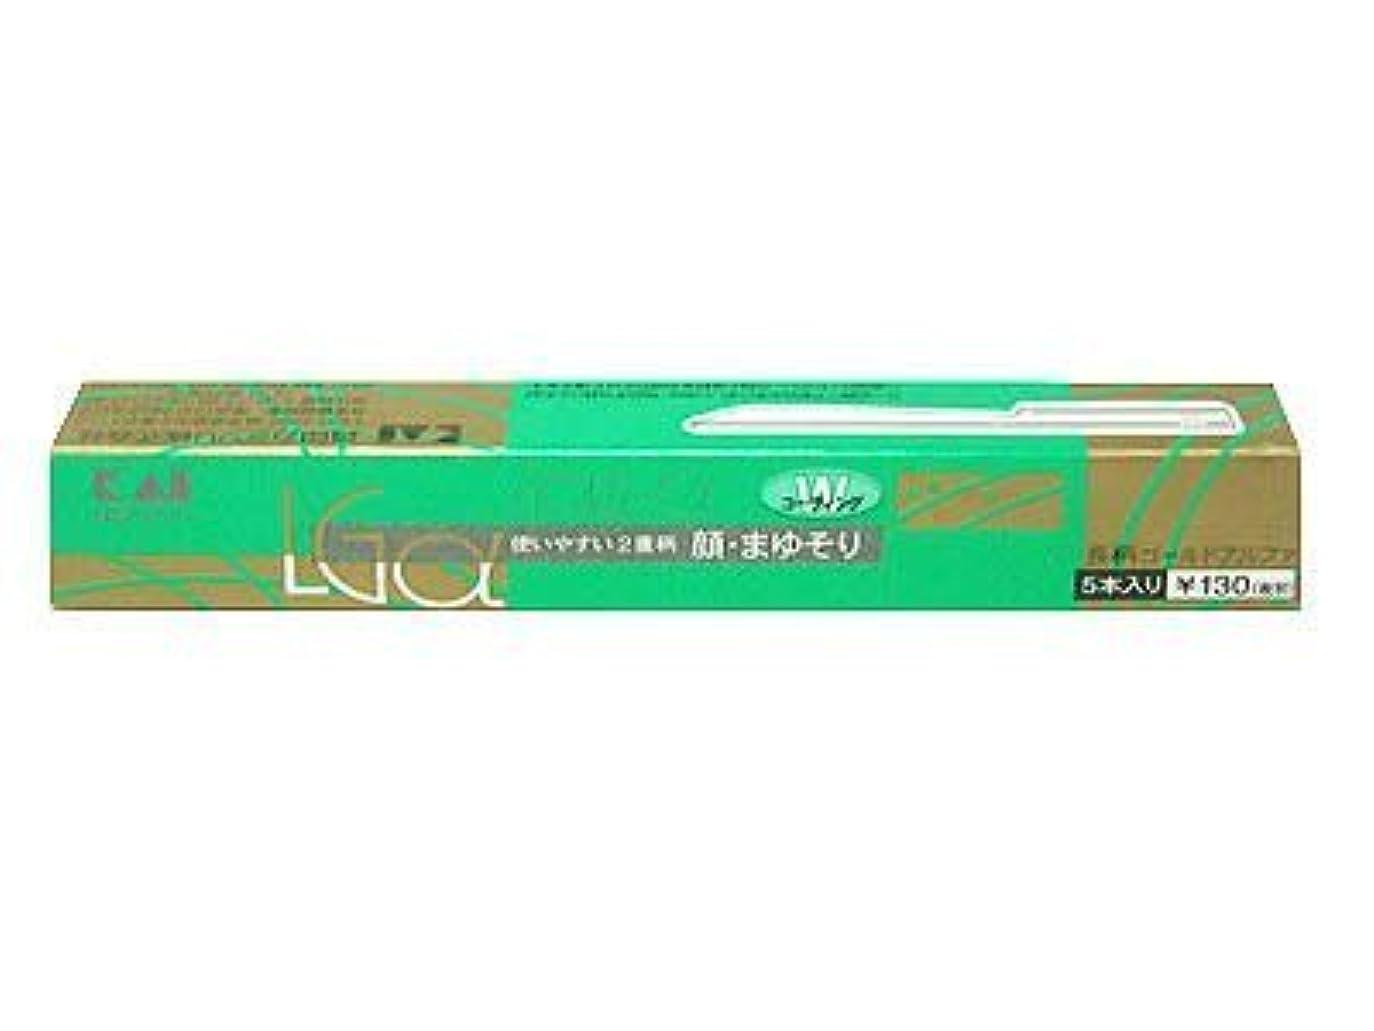 長柄カミソリ ゴールドアルファー LGα-5H1 ×8個セット